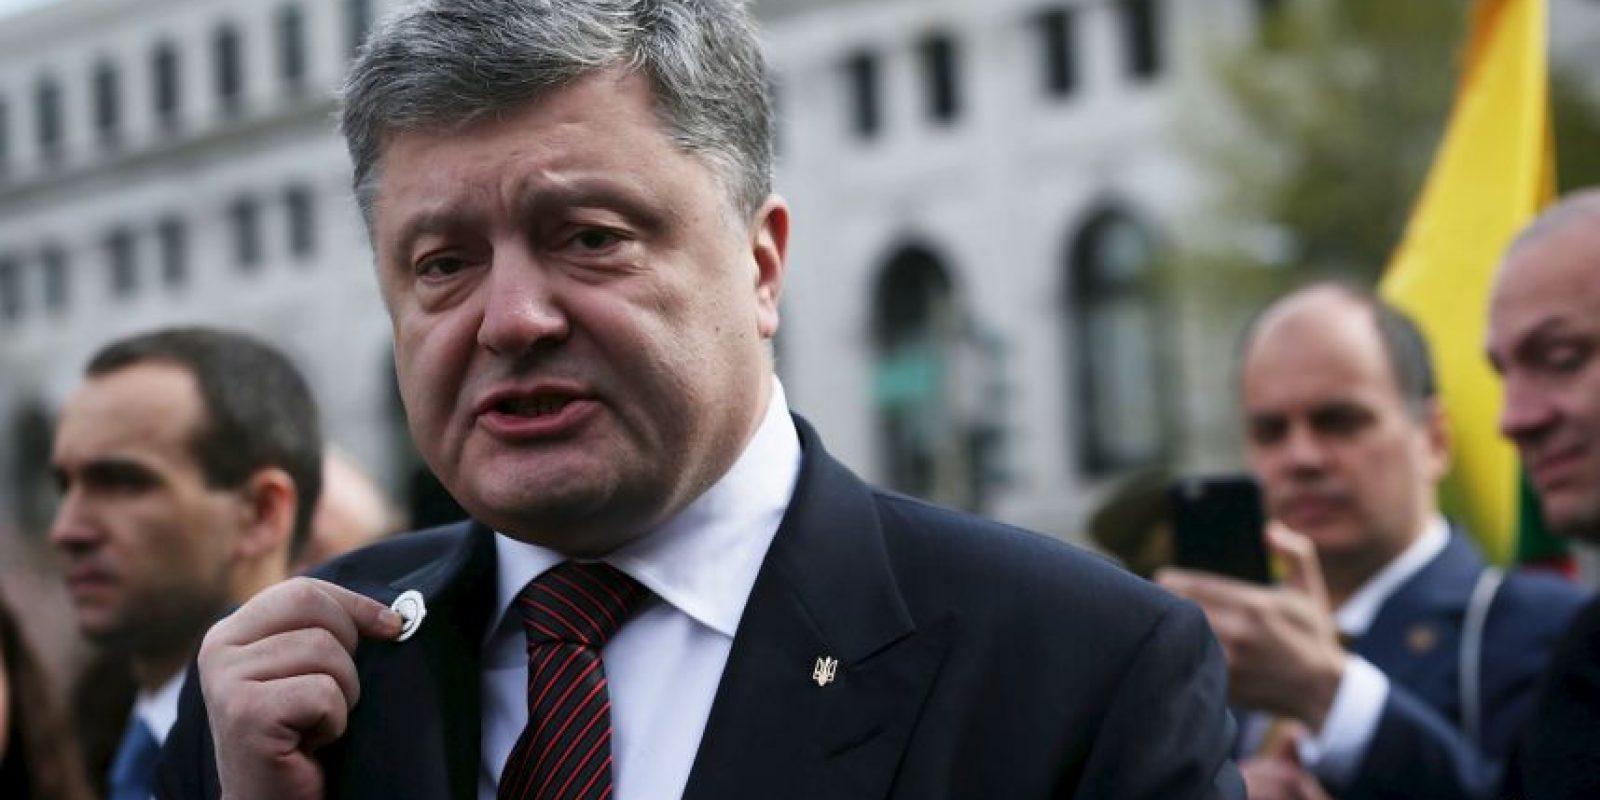 Entre ellos, líderes mundiales como el presidente ucraniano Petro Poroshenko. Foto:Getty Images